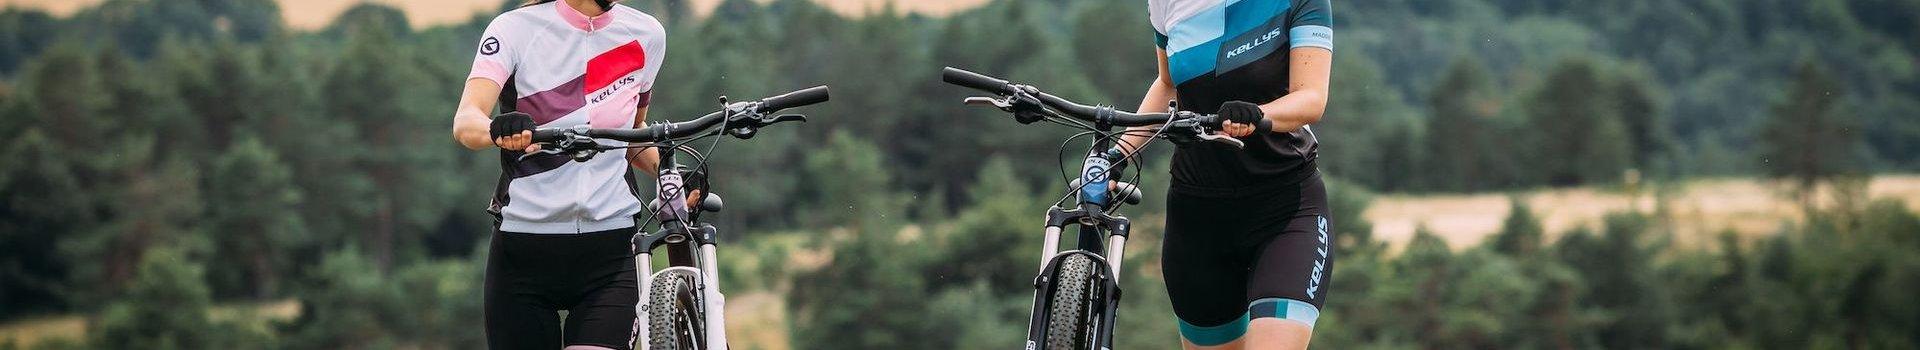 Koszulki rowerowe, dzięki którym poczujesz się jak profesjonalista